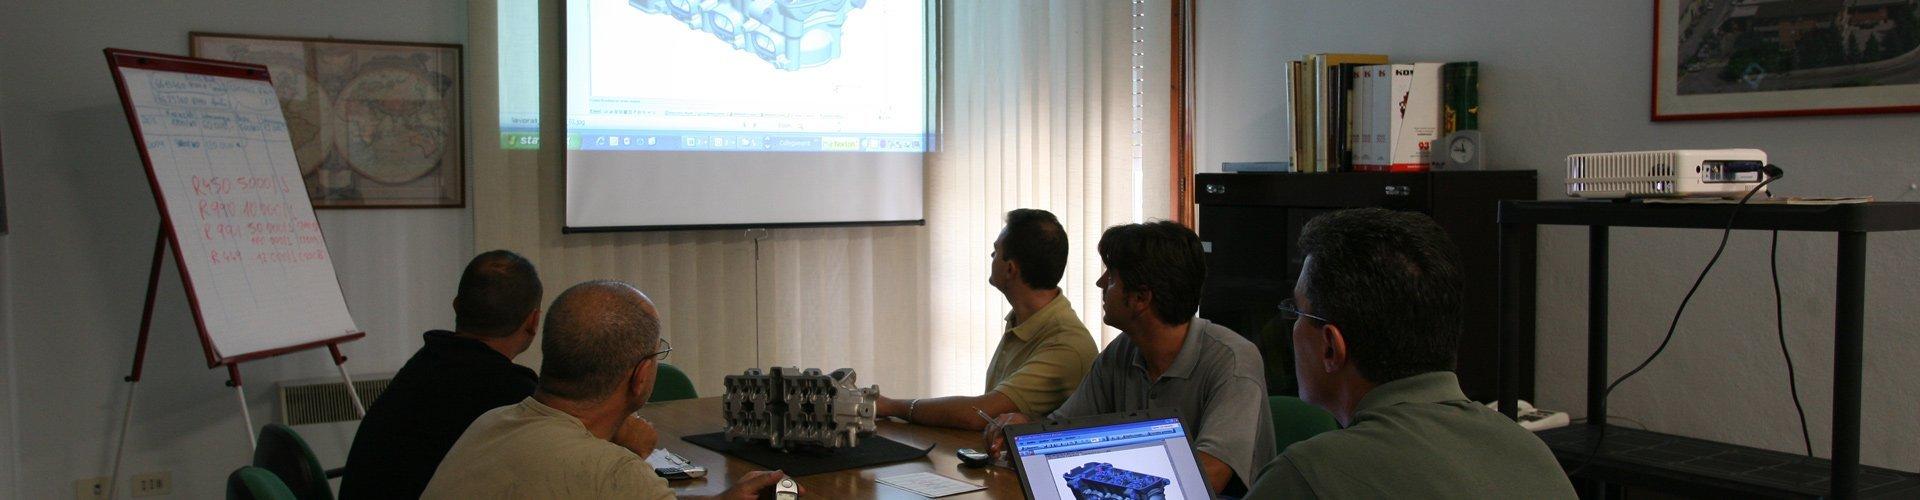 degli uomini seduti in una sala conferenze che osservano un disegno tecnico proiettato su un telo